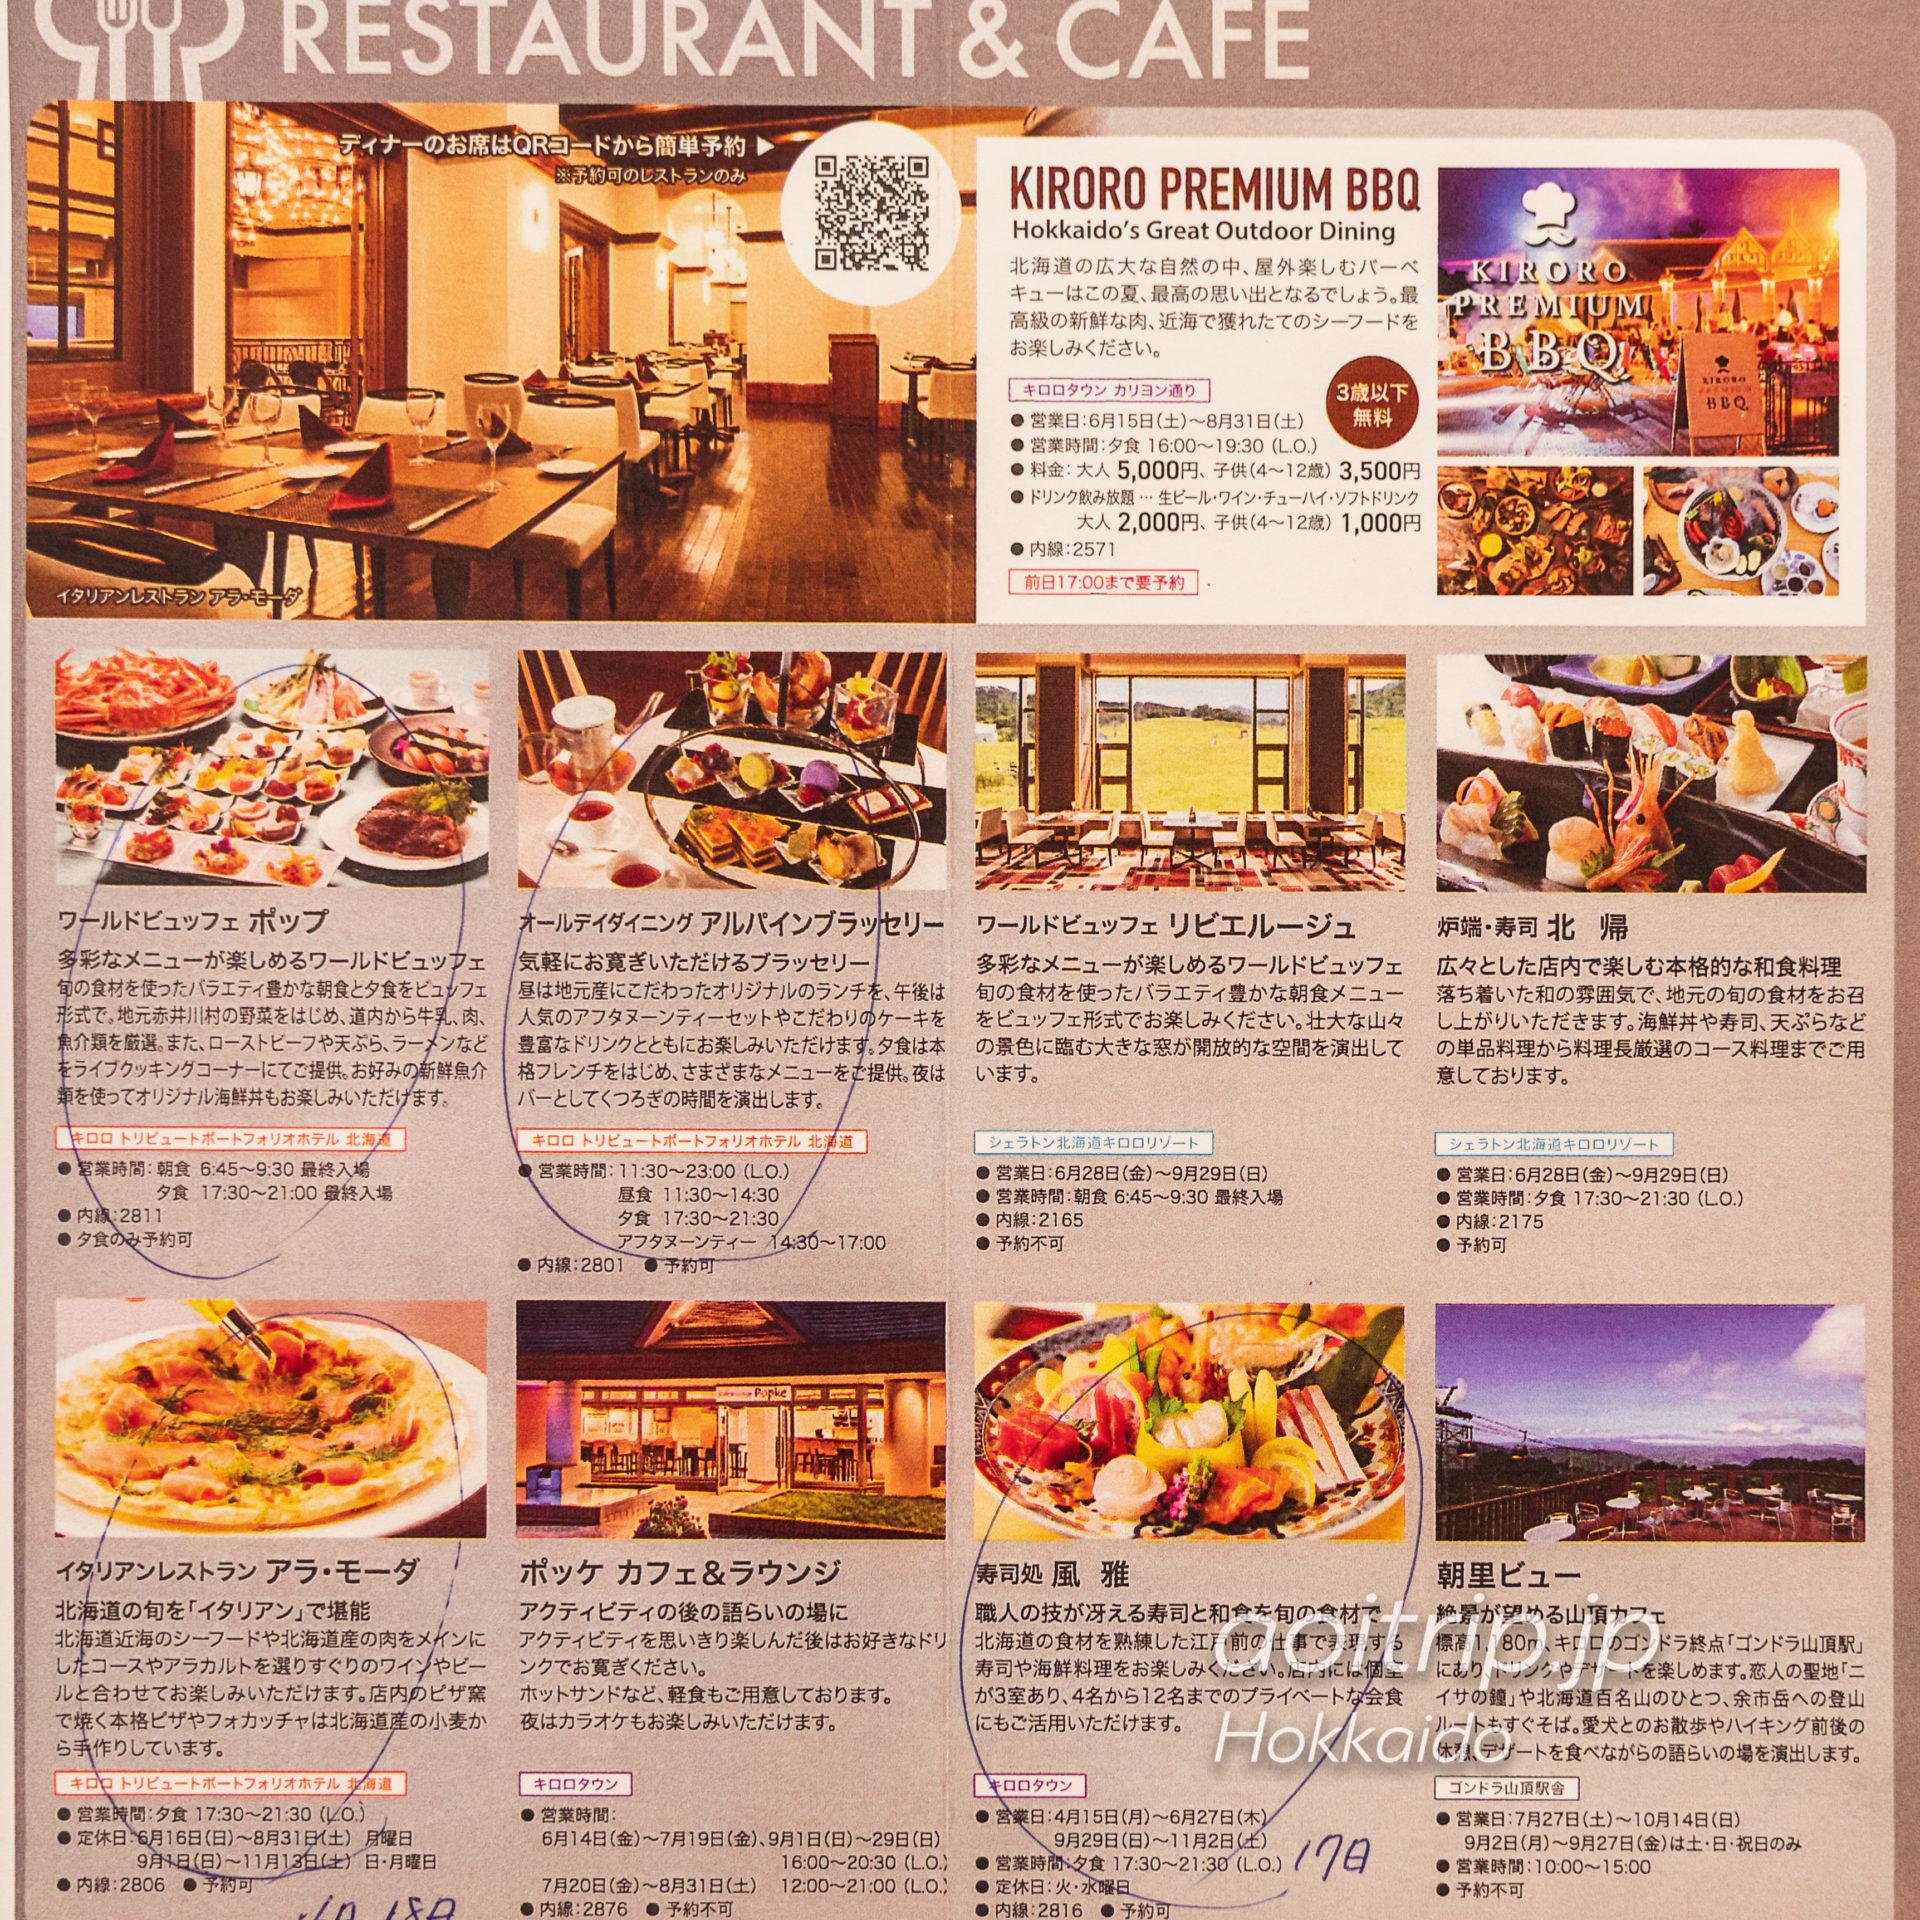 キロロ トリビュートポートフォリオホテル 北海道のレストラン